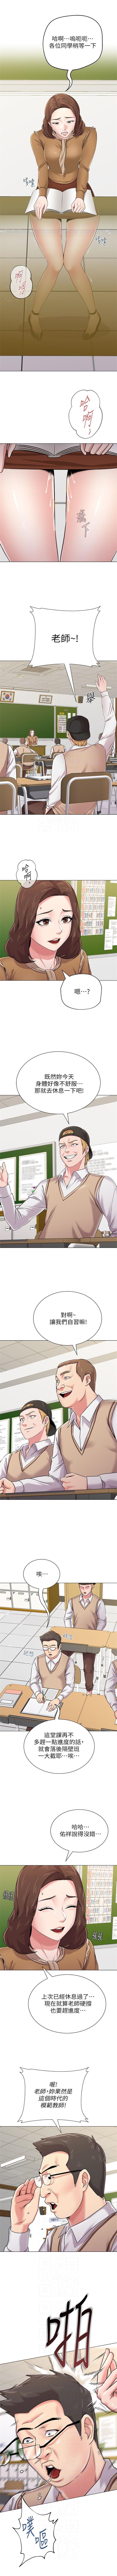 (周3)老师 1-56 中文翻译(更新中) 291